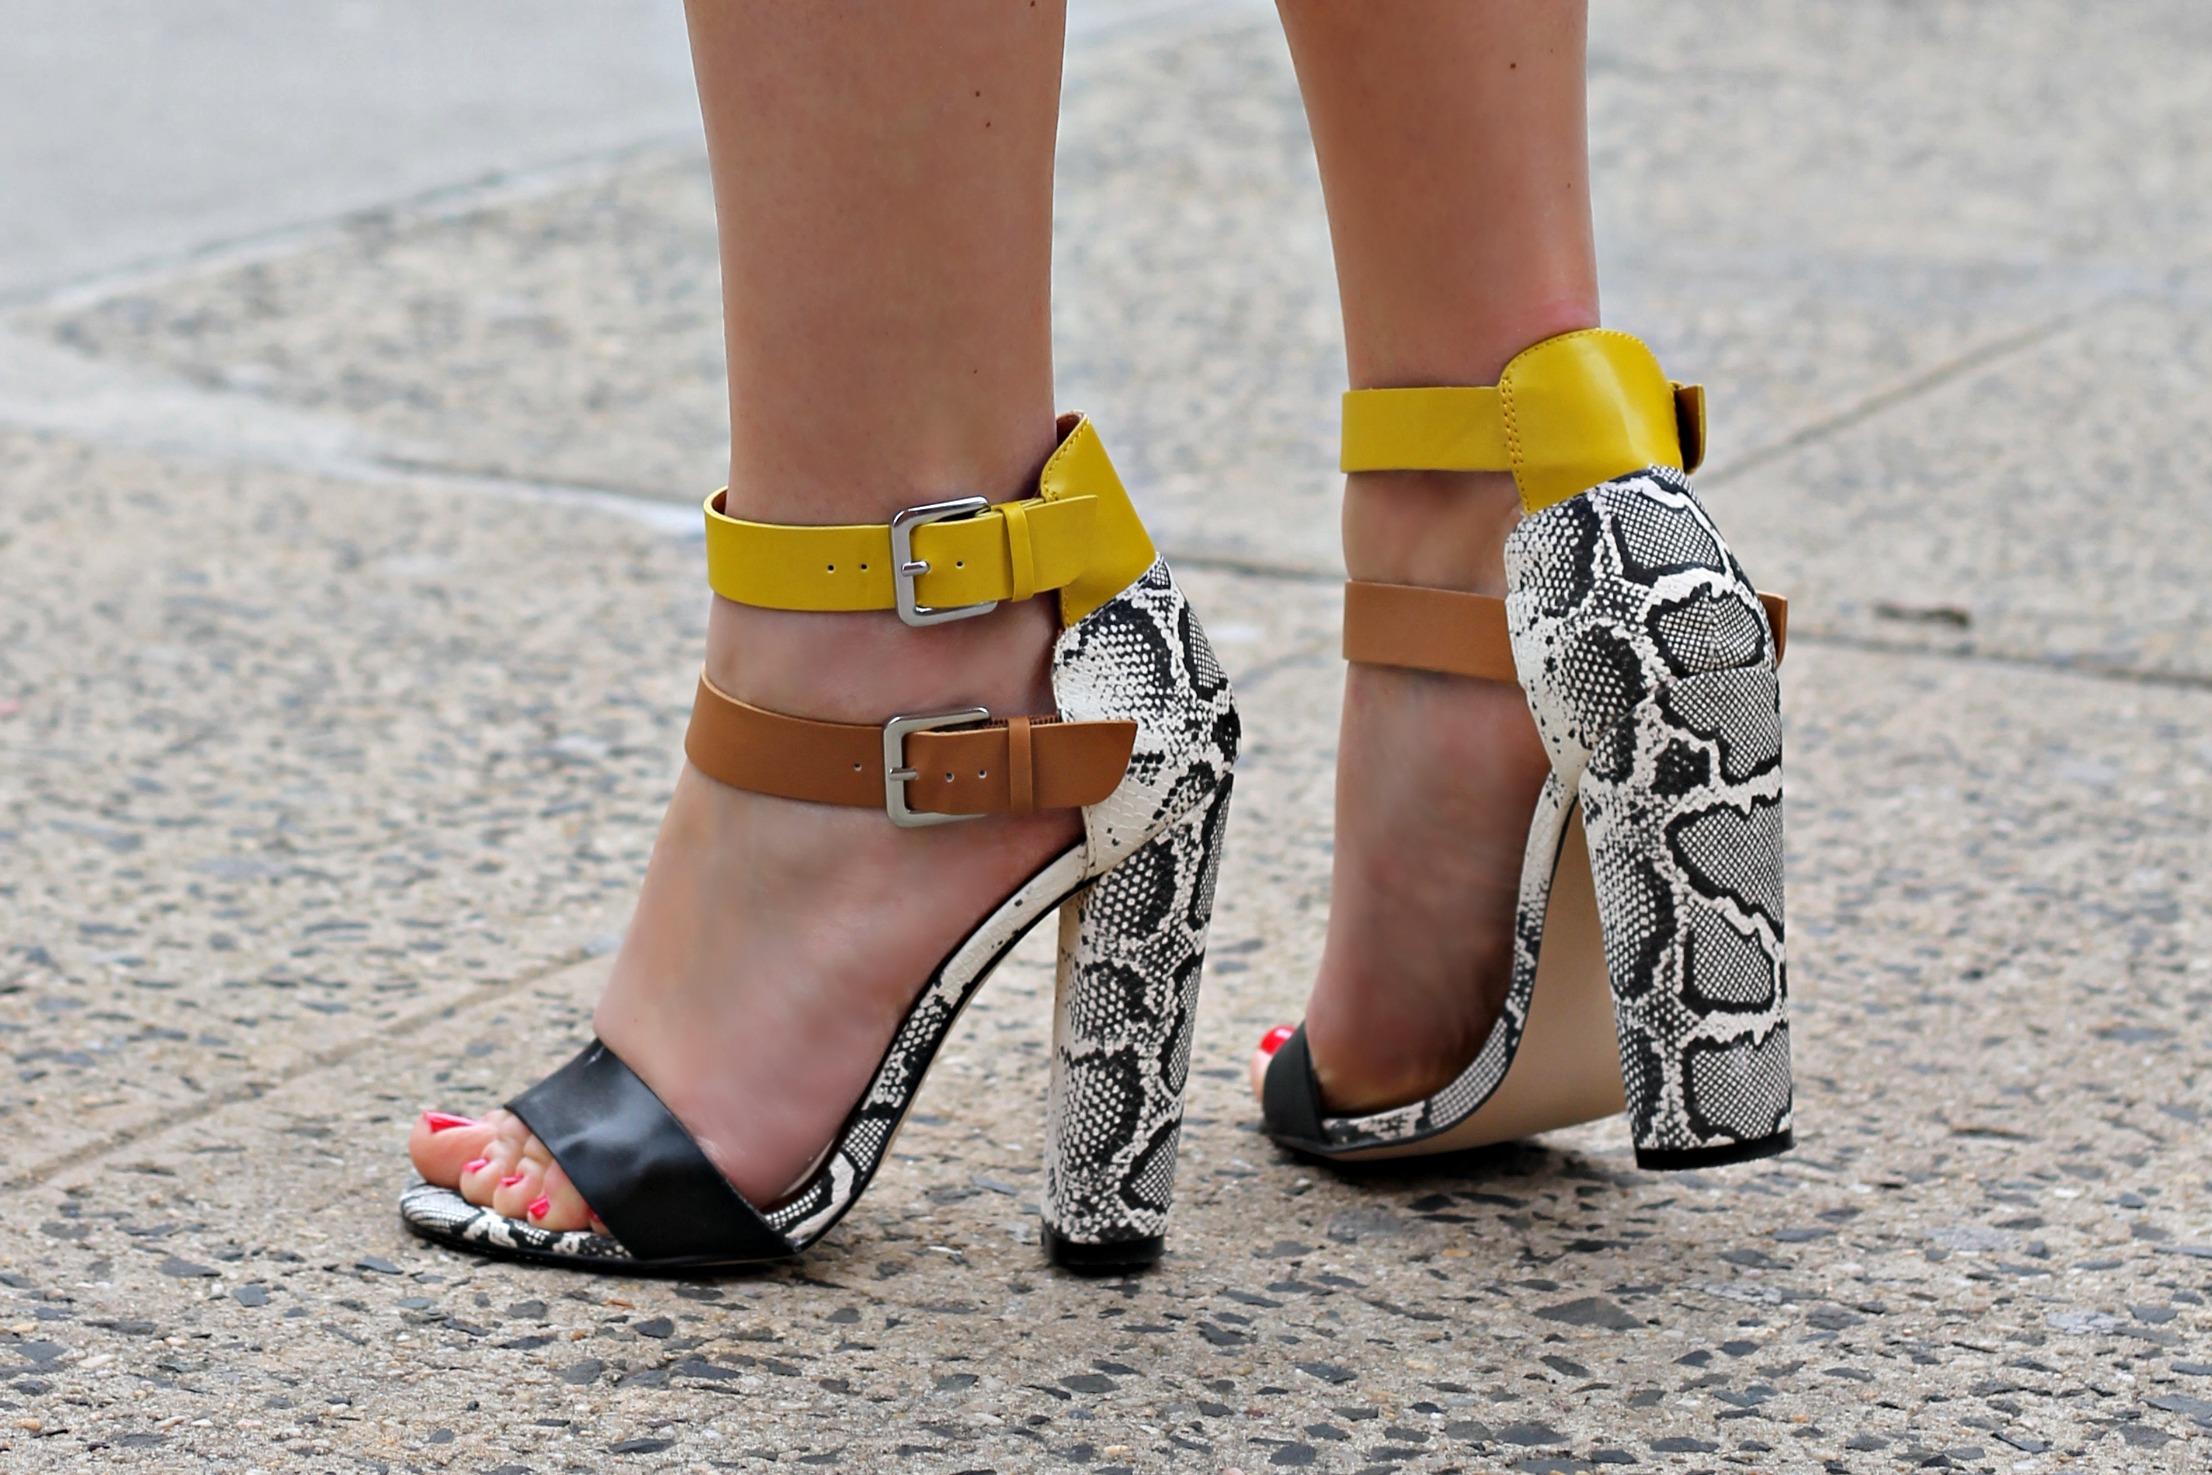 96abbdb3f395 Just fab snakeskin sandals jpg 2212x1475 Justfab shoes sandals